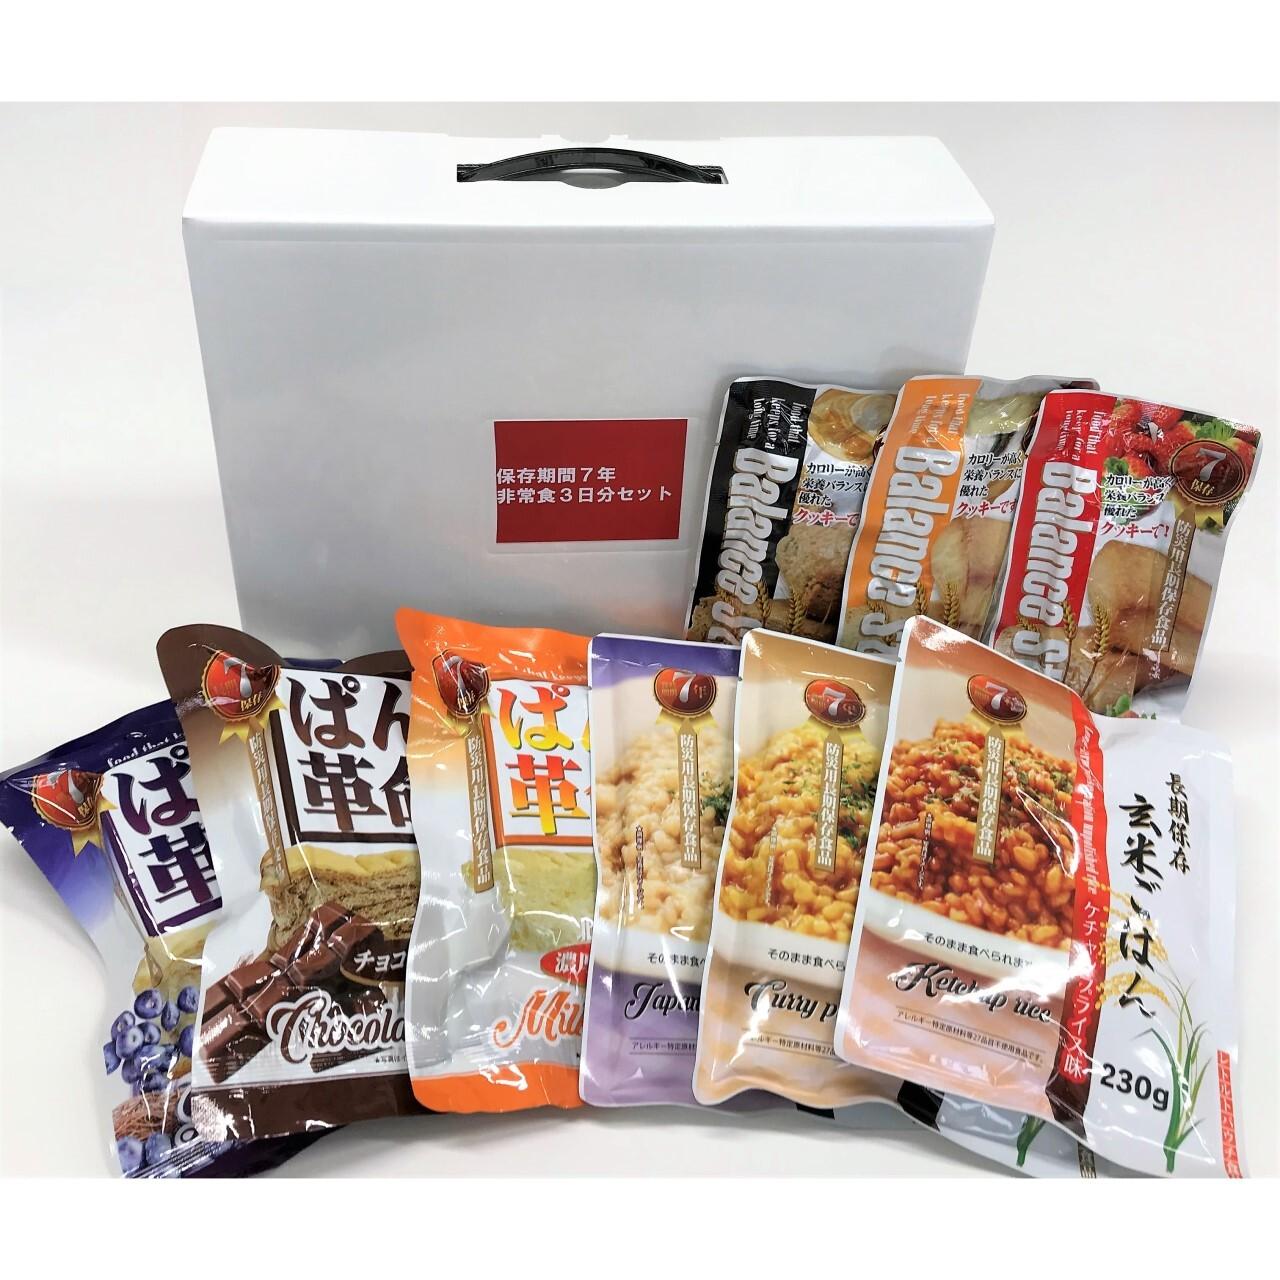 備蓄食料3日分セット 7年 嶋屋オリジナル